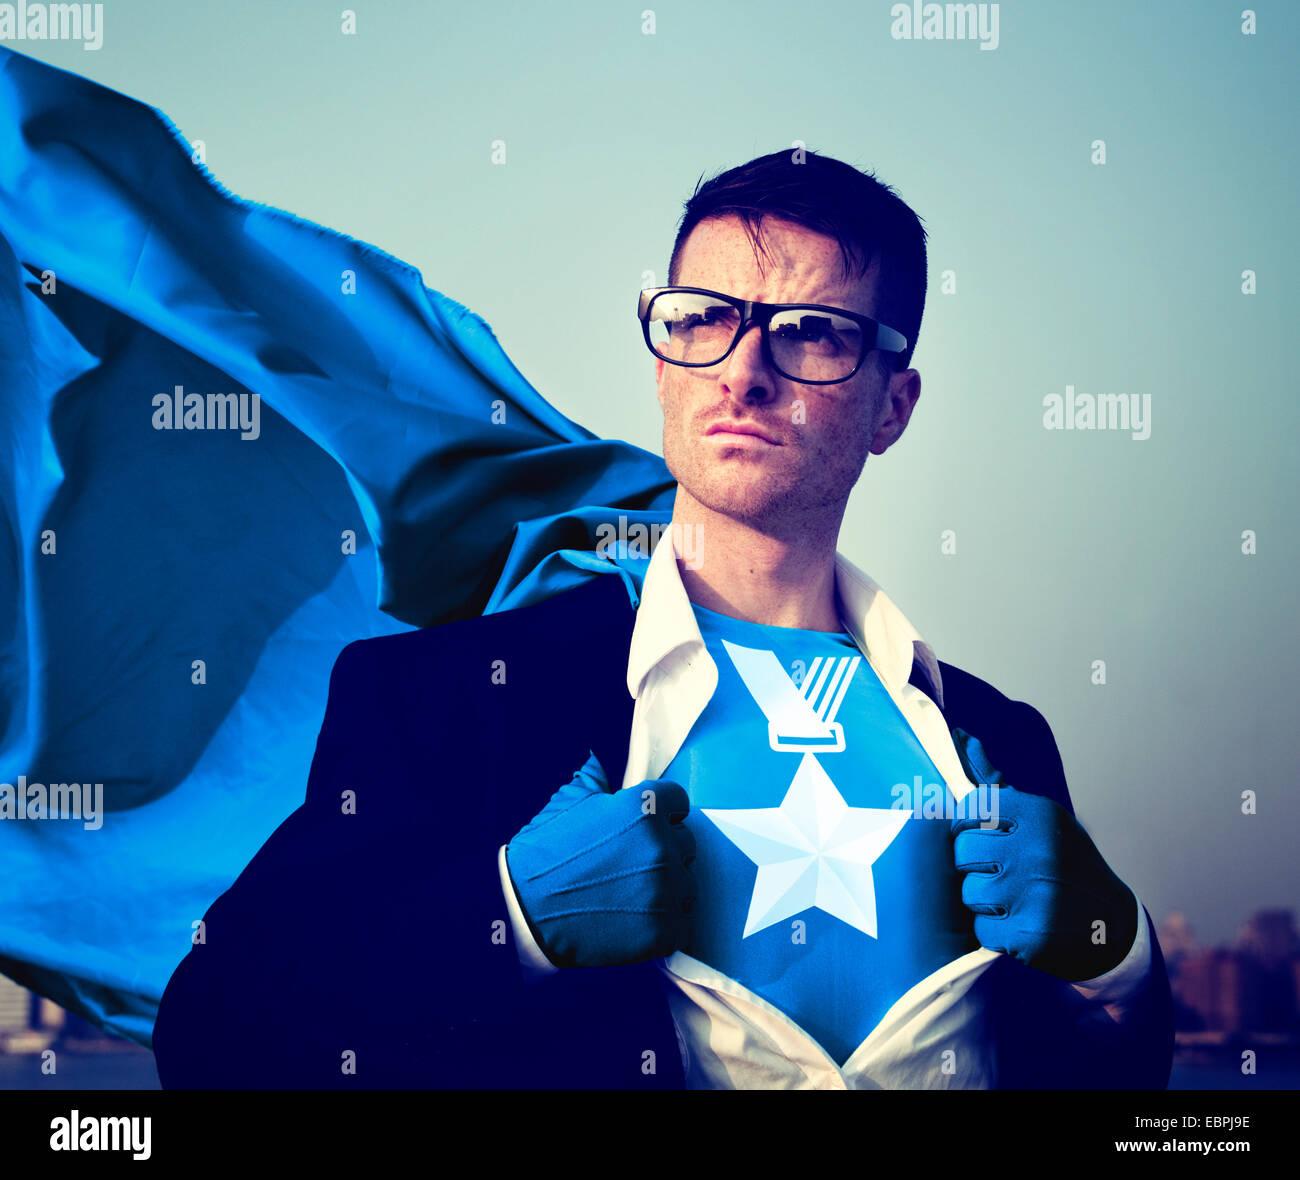 Forte du succès de la médaille de super-héros l'habilitation professionnelle Concept Stock Photo Stock